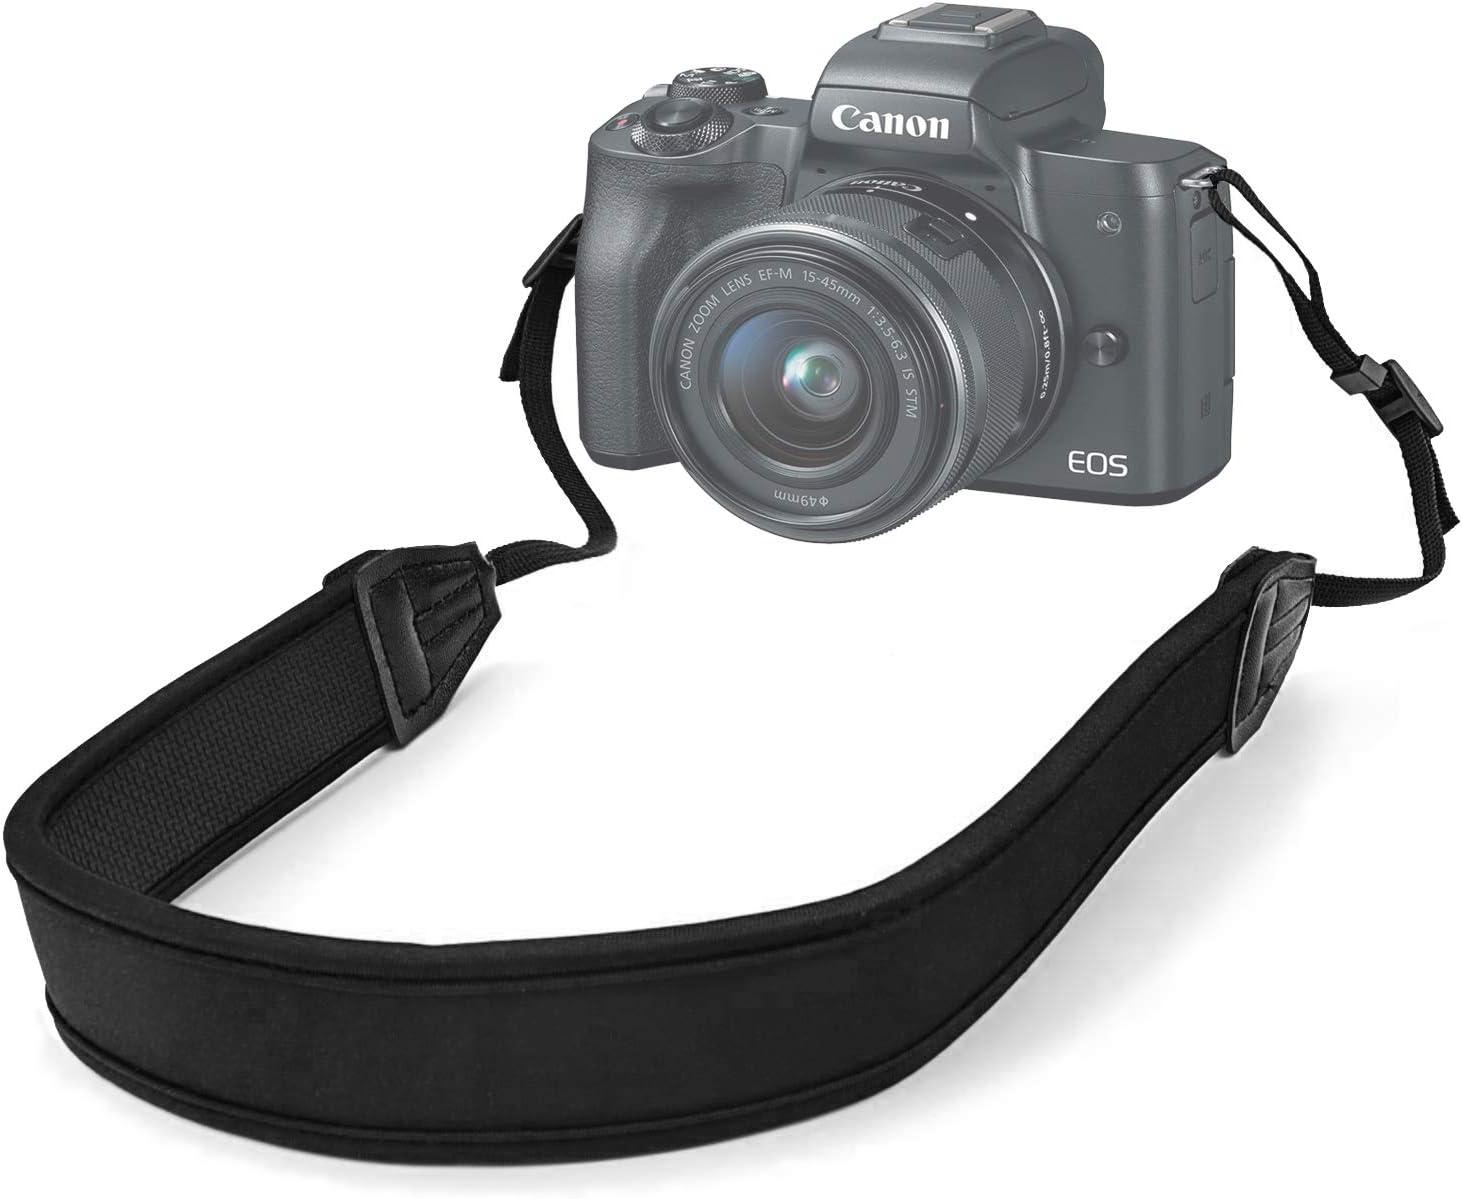 Camera Strap Belt Adjustable Length Anti-Slip Soft Pad Nylon Breathable Camera Strap for SLR//DSLR Cameras Nfudishpu Fast Action Camera Shoulder Strap